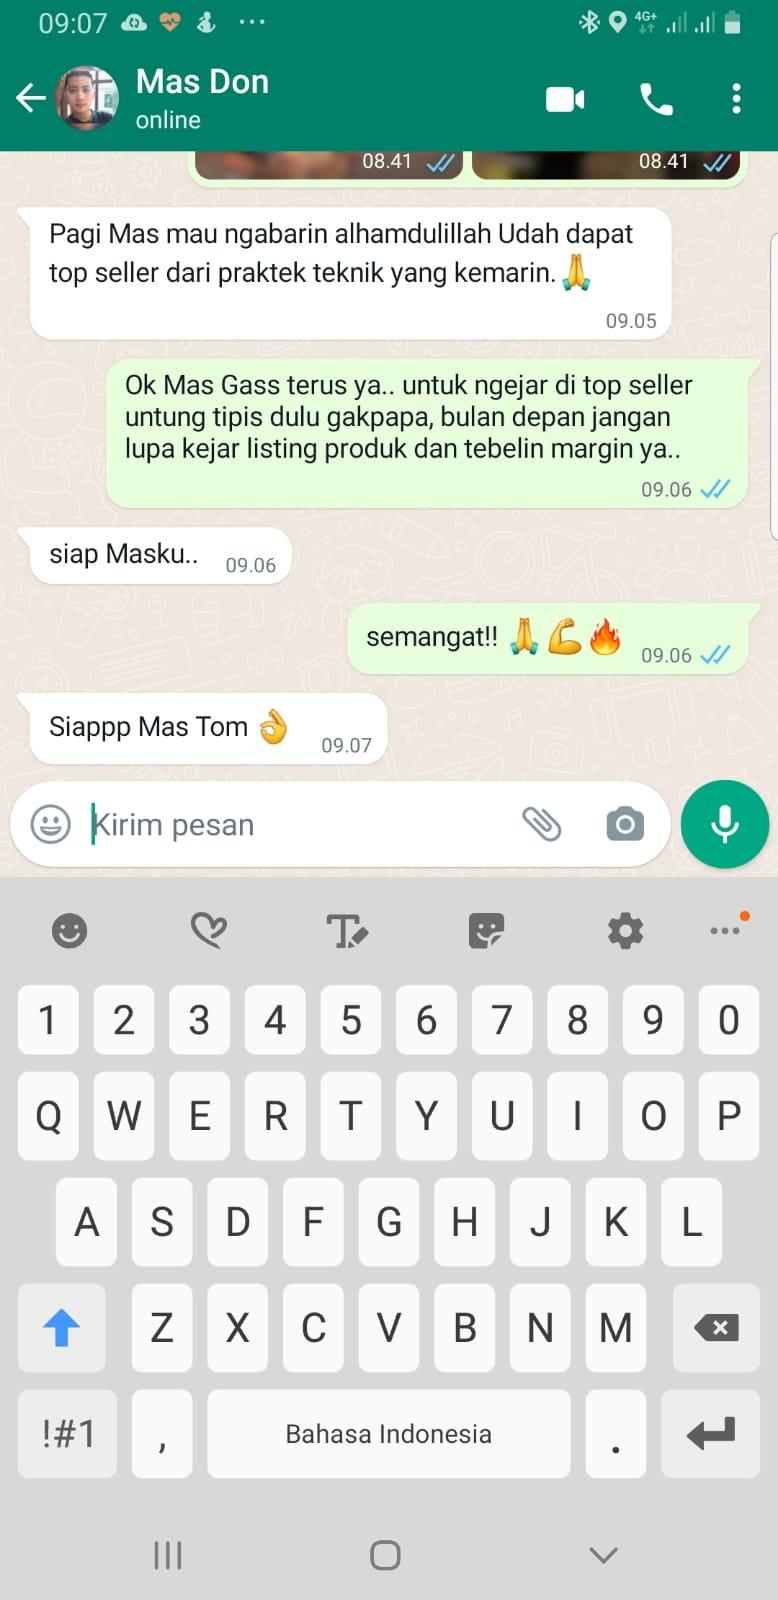 WhatsApp Image 2021-09-24 at 09.28.29